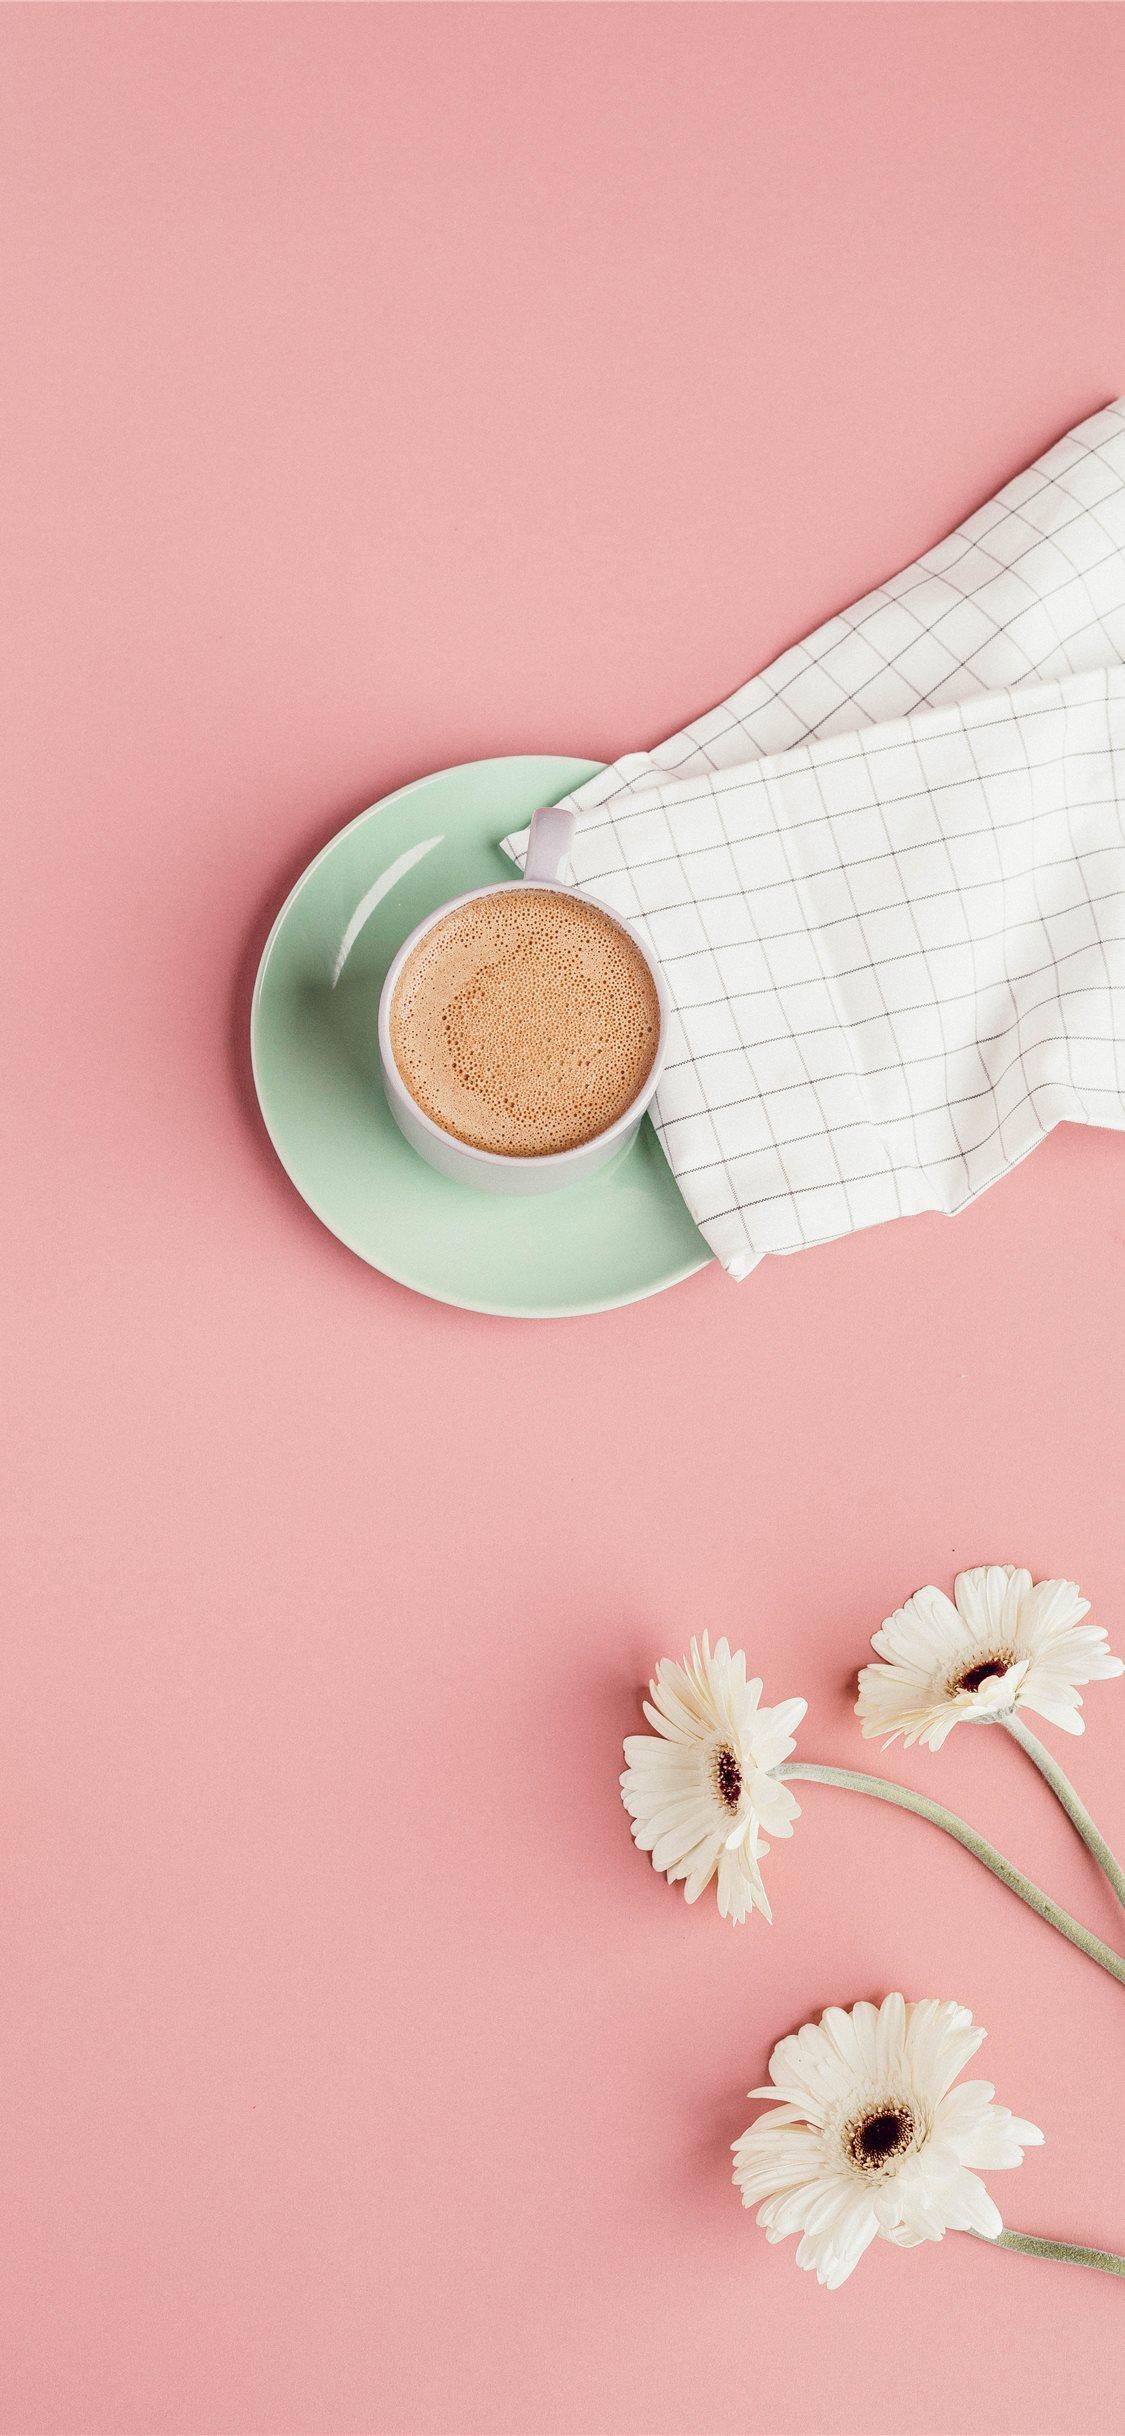 花とコーヒーピンクの壁紙hd コーヒーの壁紙 1125x2436 Wallpapertip